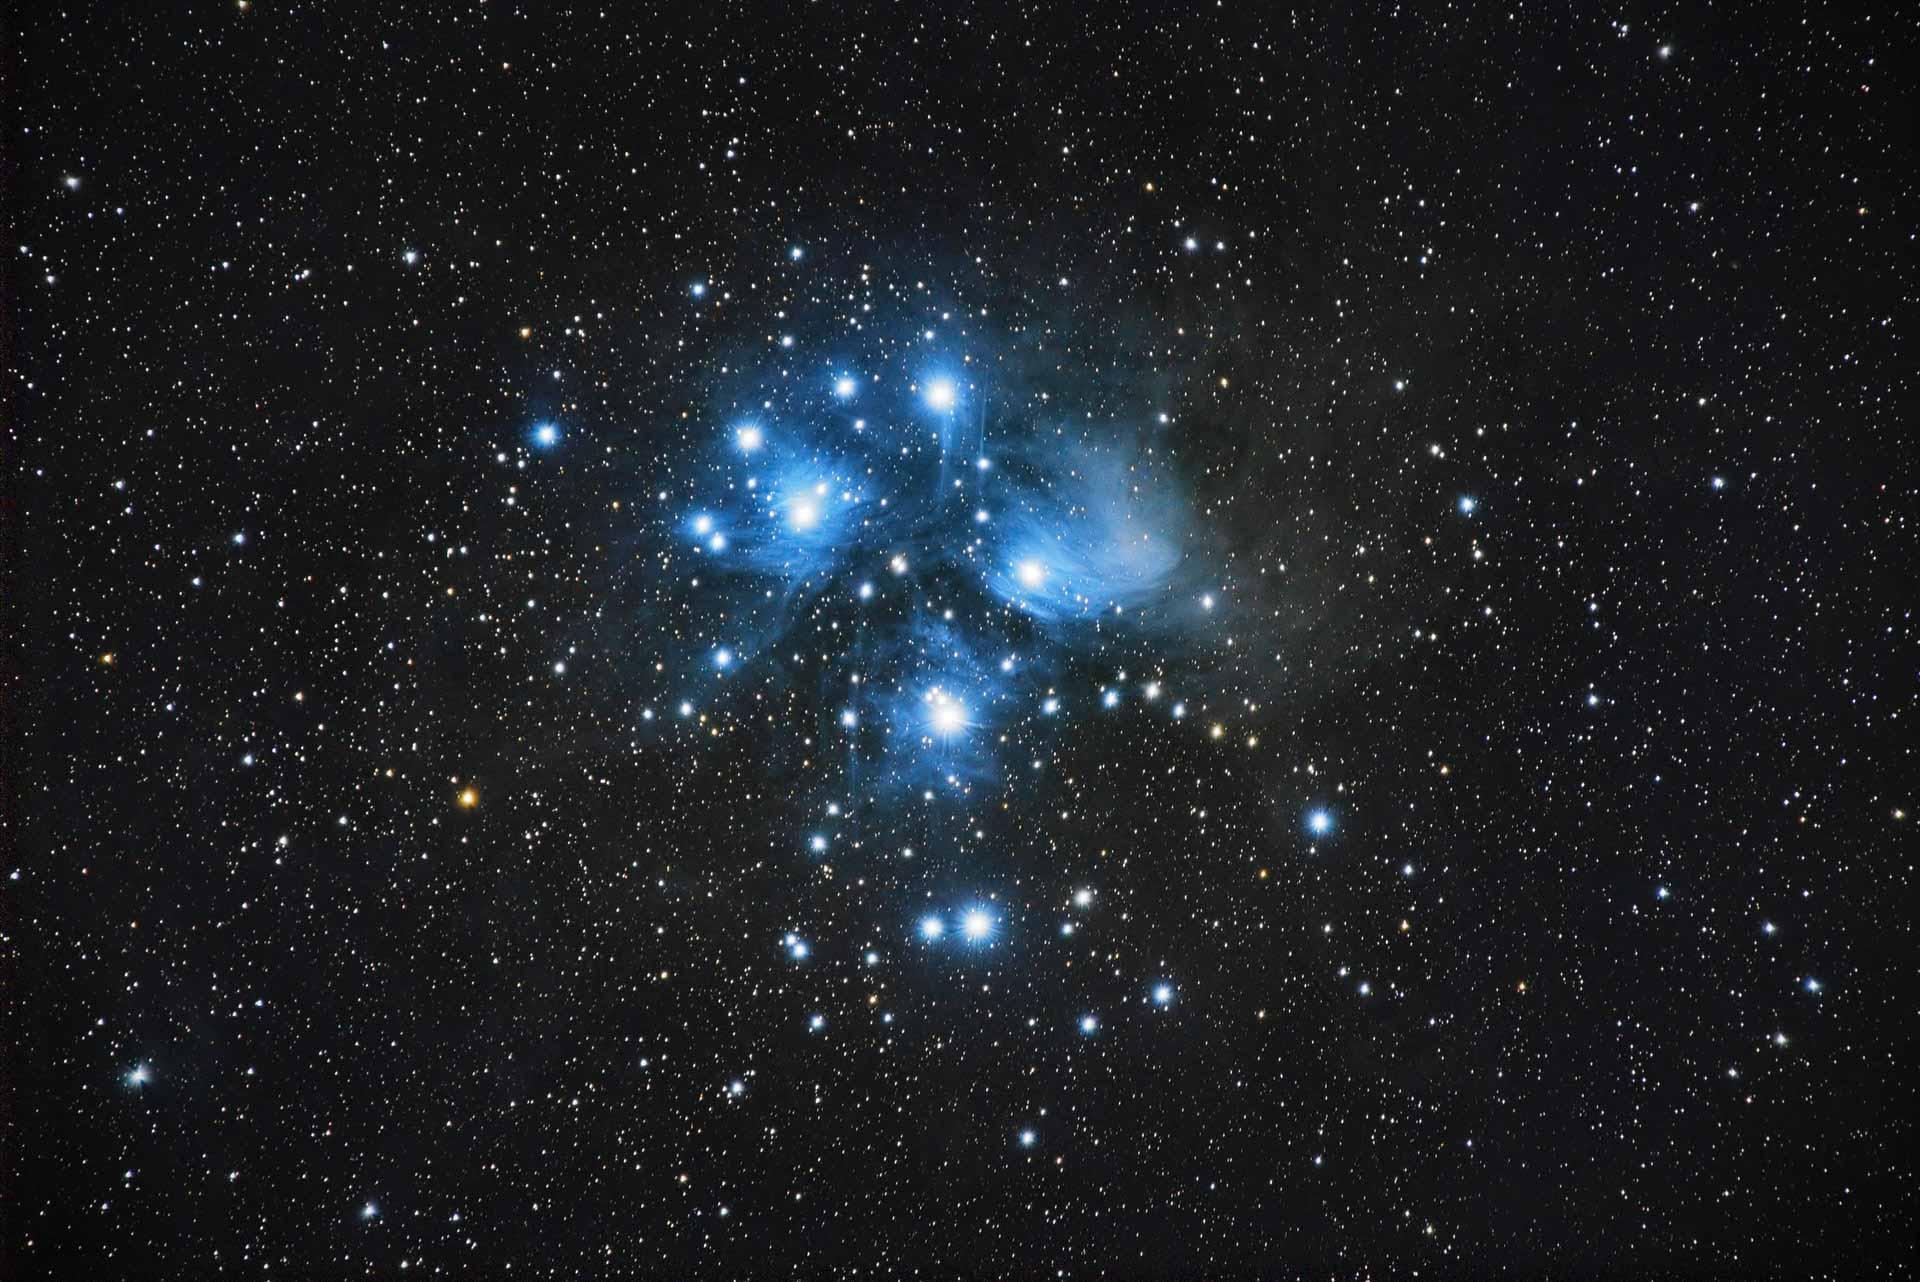 Observables à l'œil nu dans le ciel d'automne, les Pléiades se révèlent pleinement par télescope © Arnaud Mariat